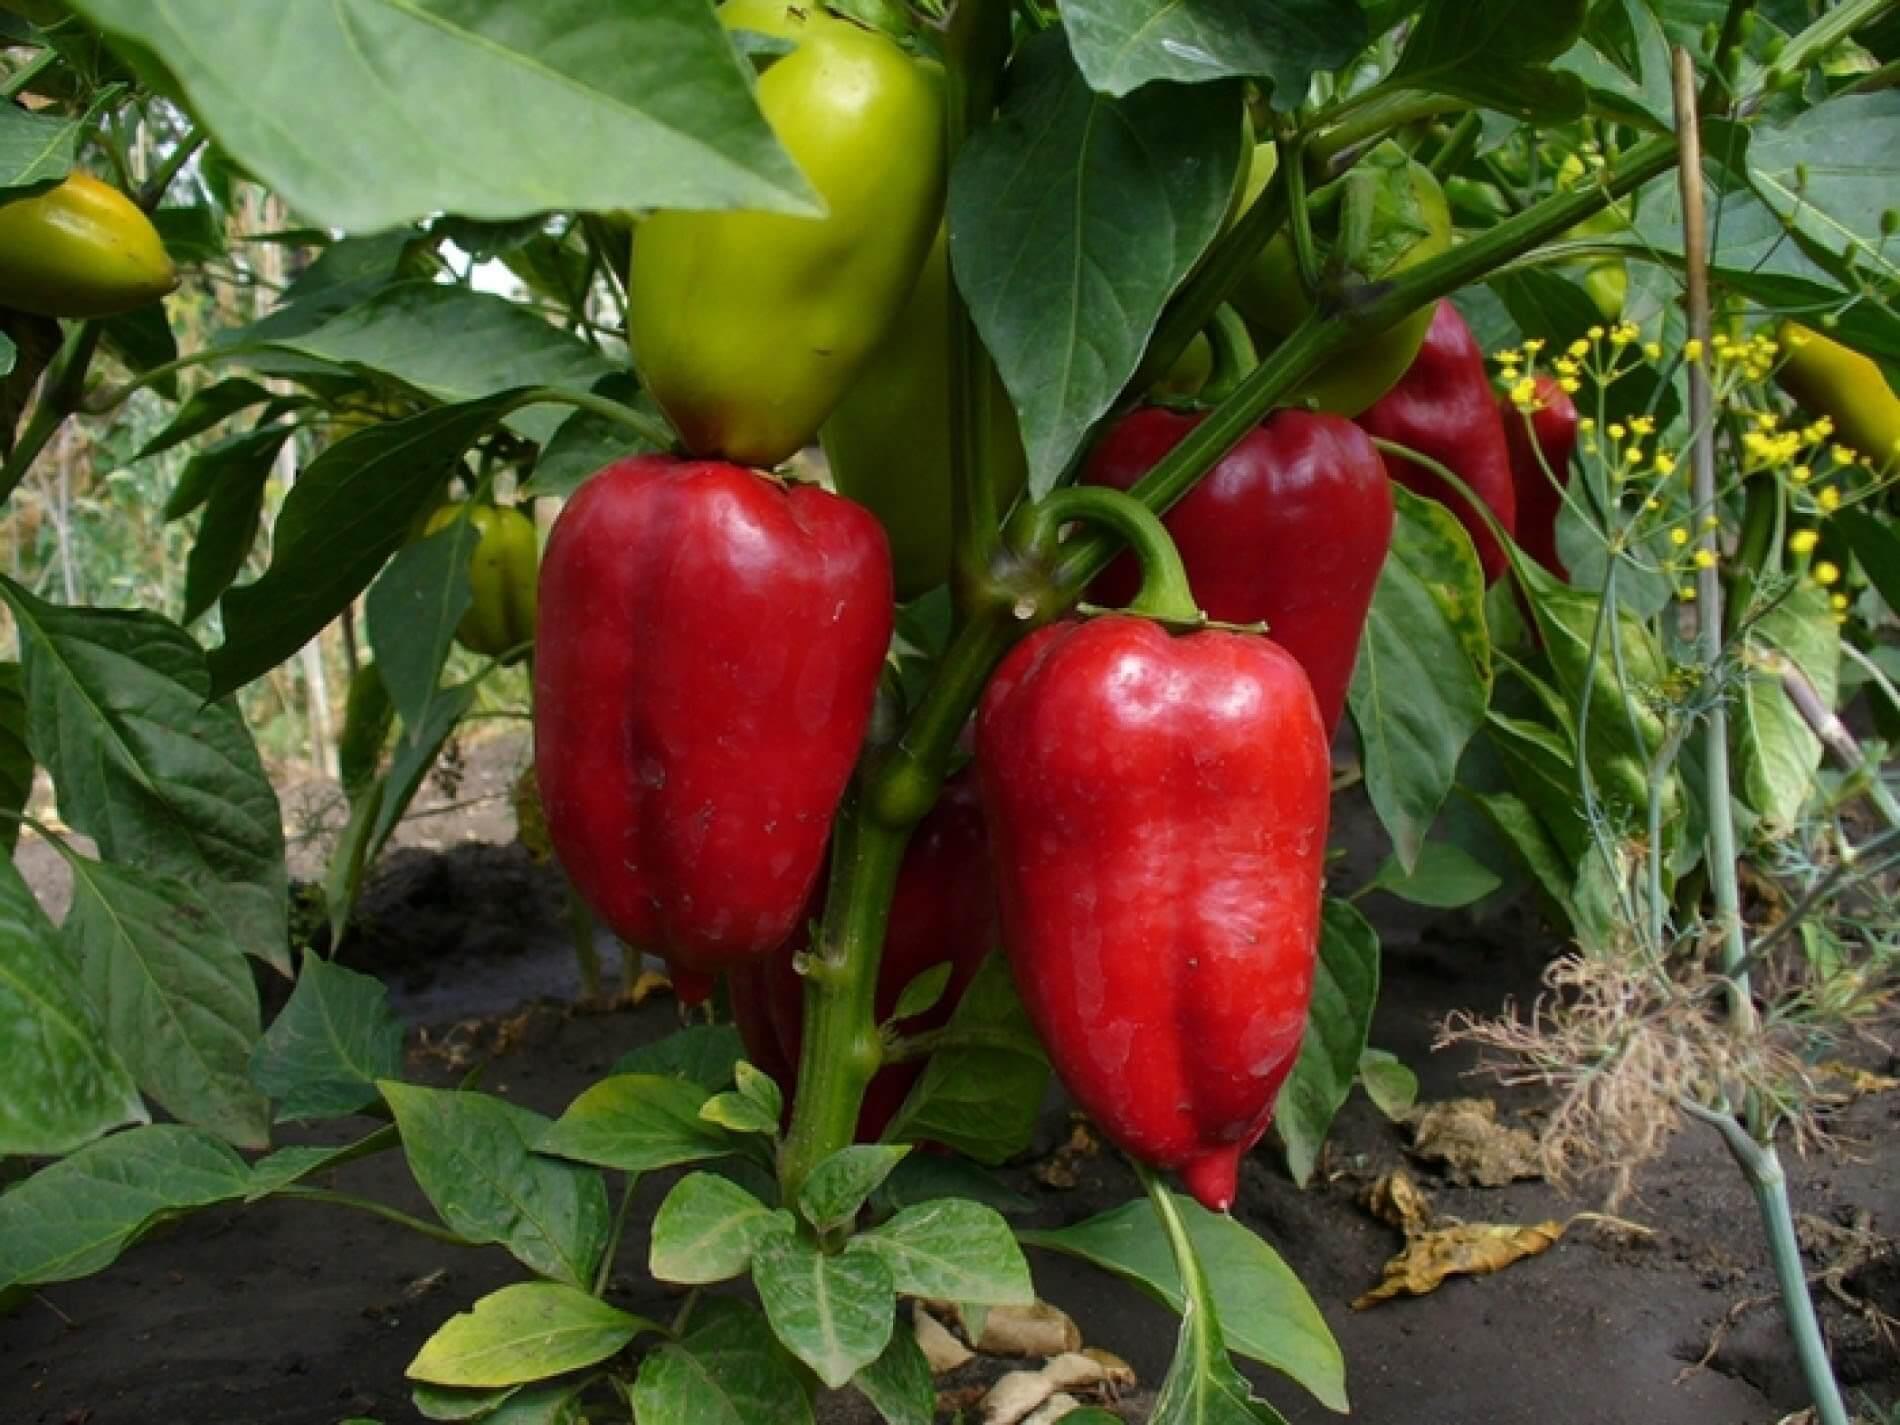 Практические советы — как вырастить болгарский перец без лишних трудностей